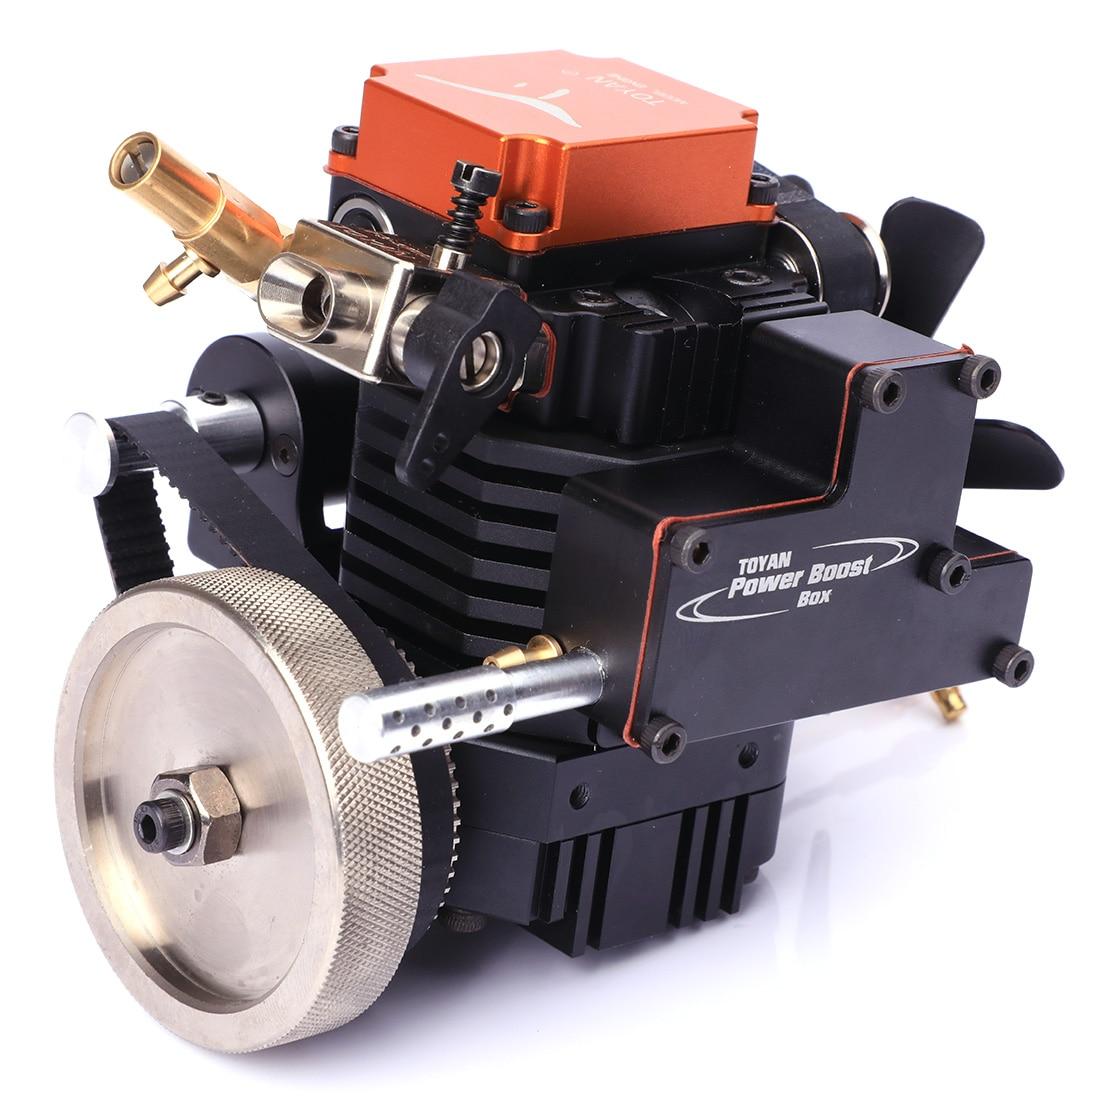 Motor de modelo de metanol de cuatro tiempos Toyan con Motor de arranque para 1:10 1:12 1:14 RC coche barco avión FS S100G-in Kits de construcción de maquetas from Juguetes y pasatiempos    3